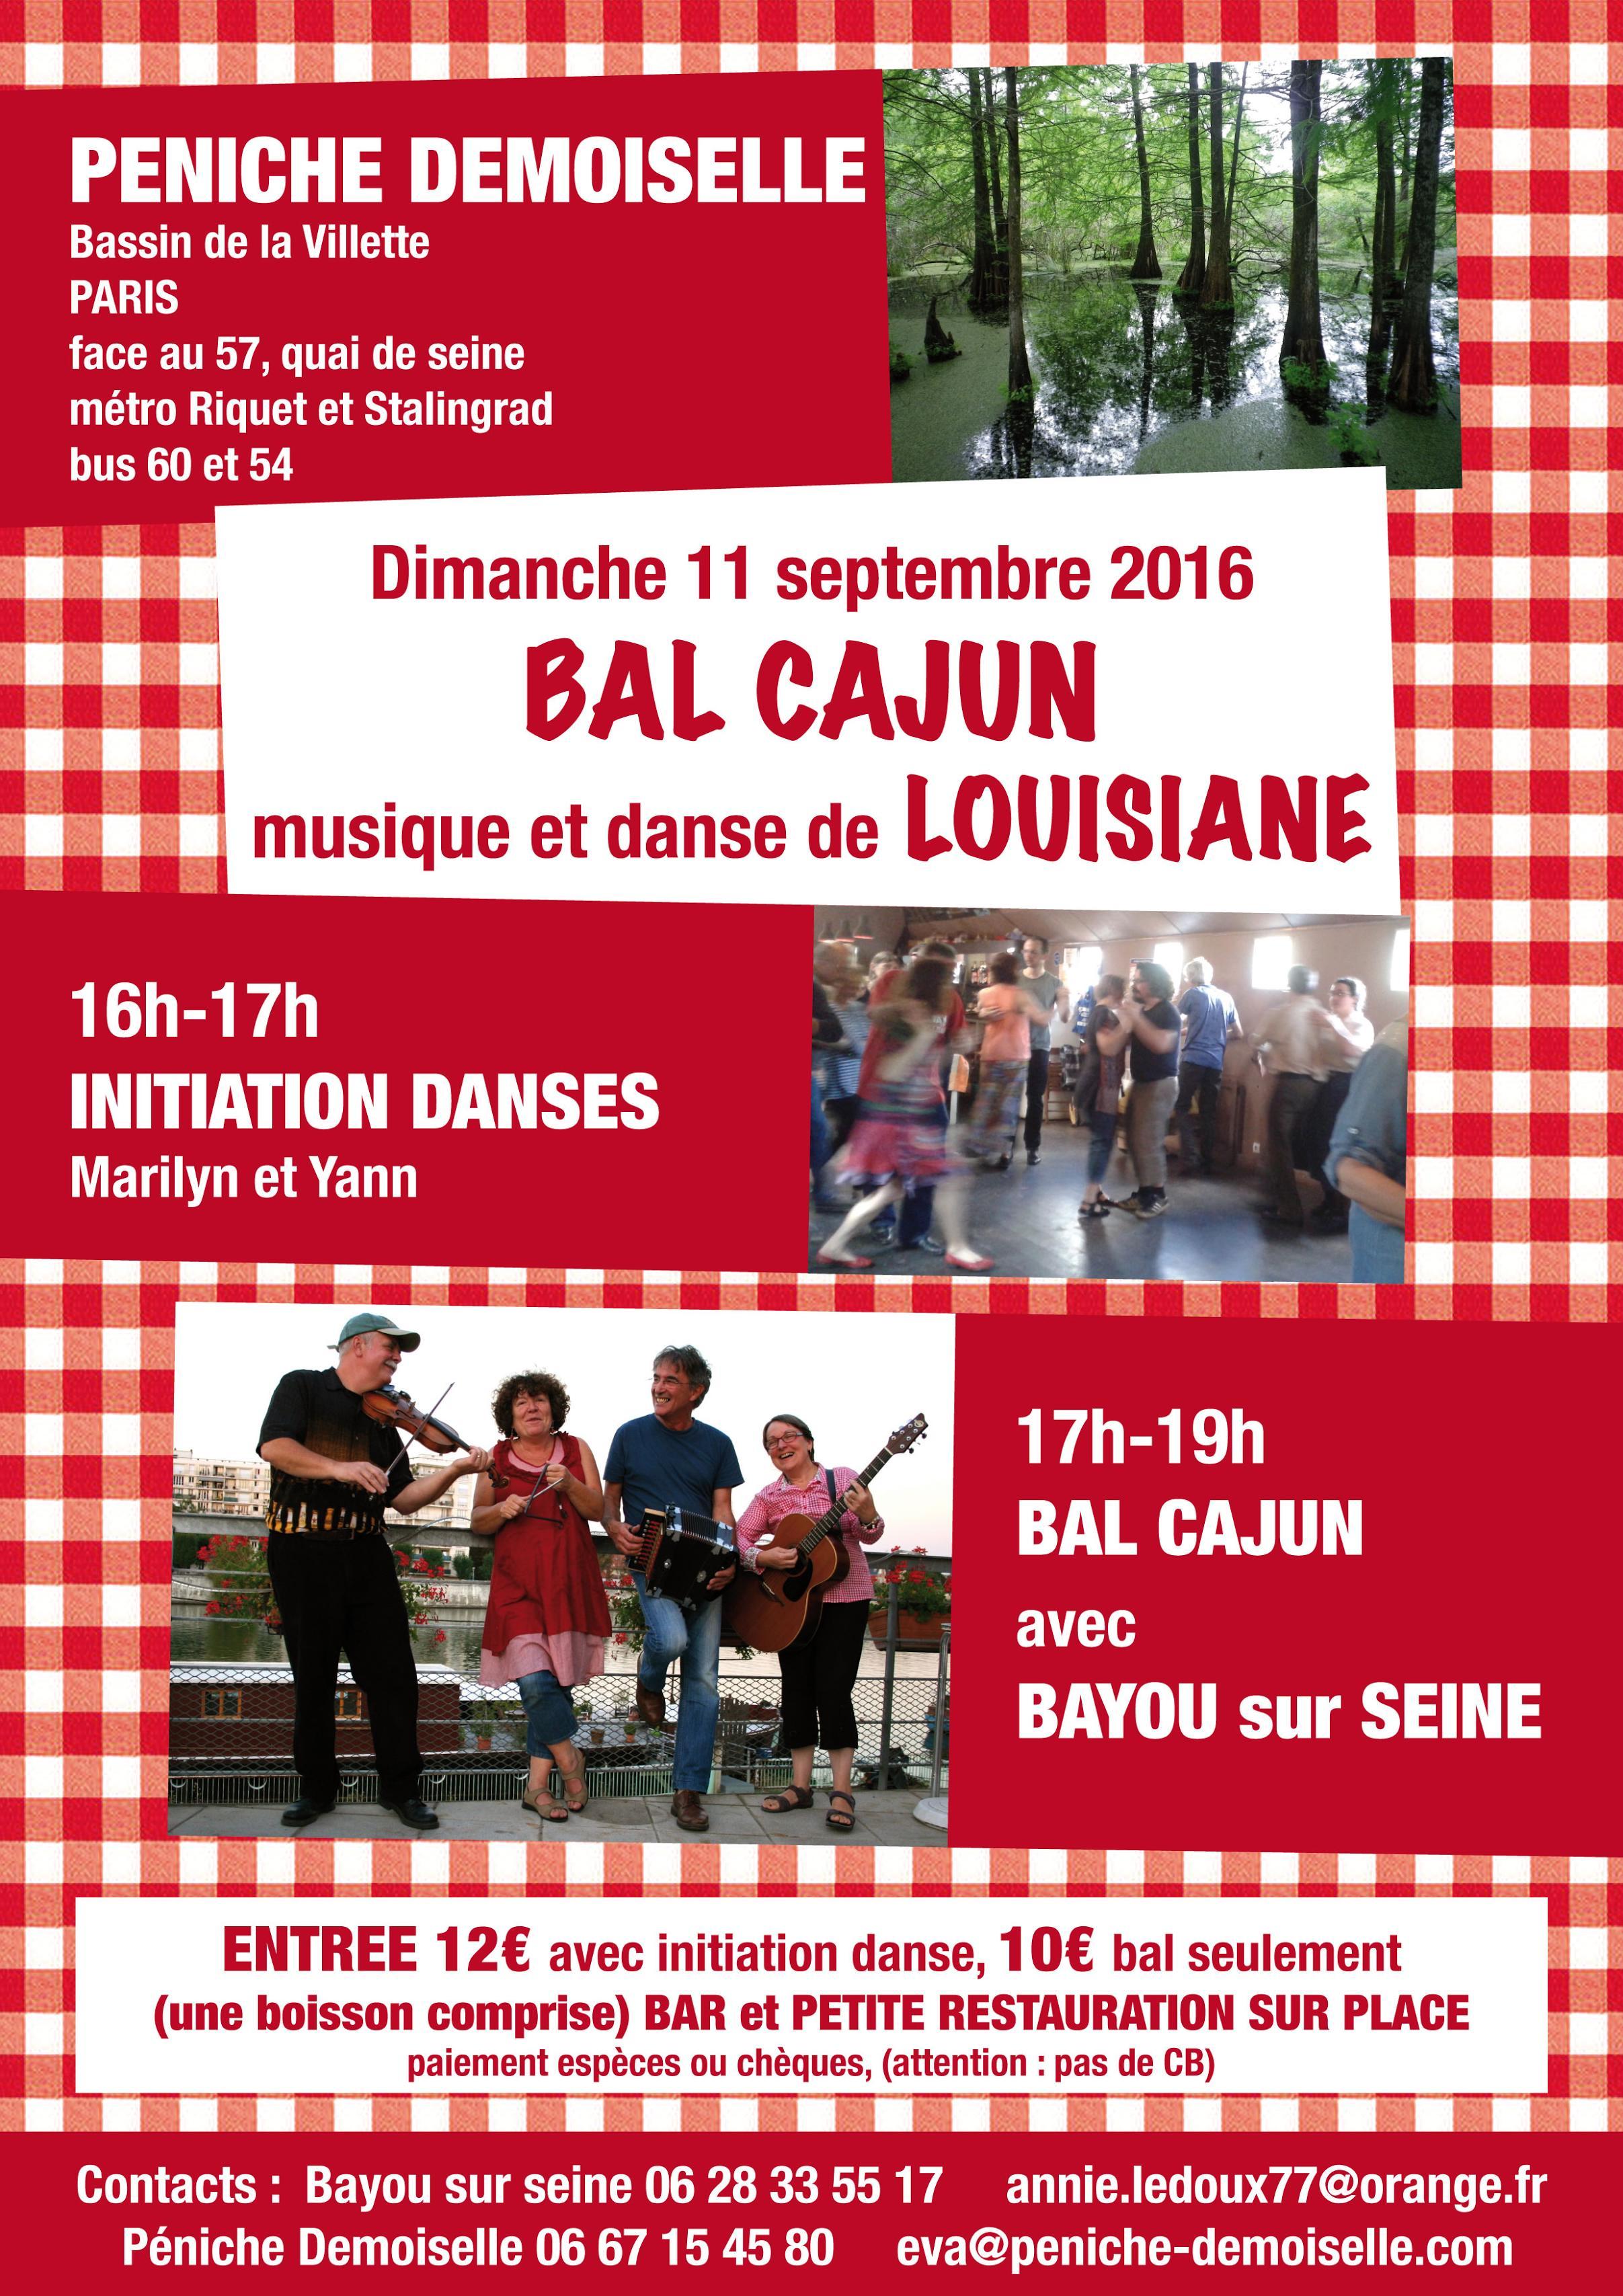 Affiche Cajun bal cajun + stage à Paris